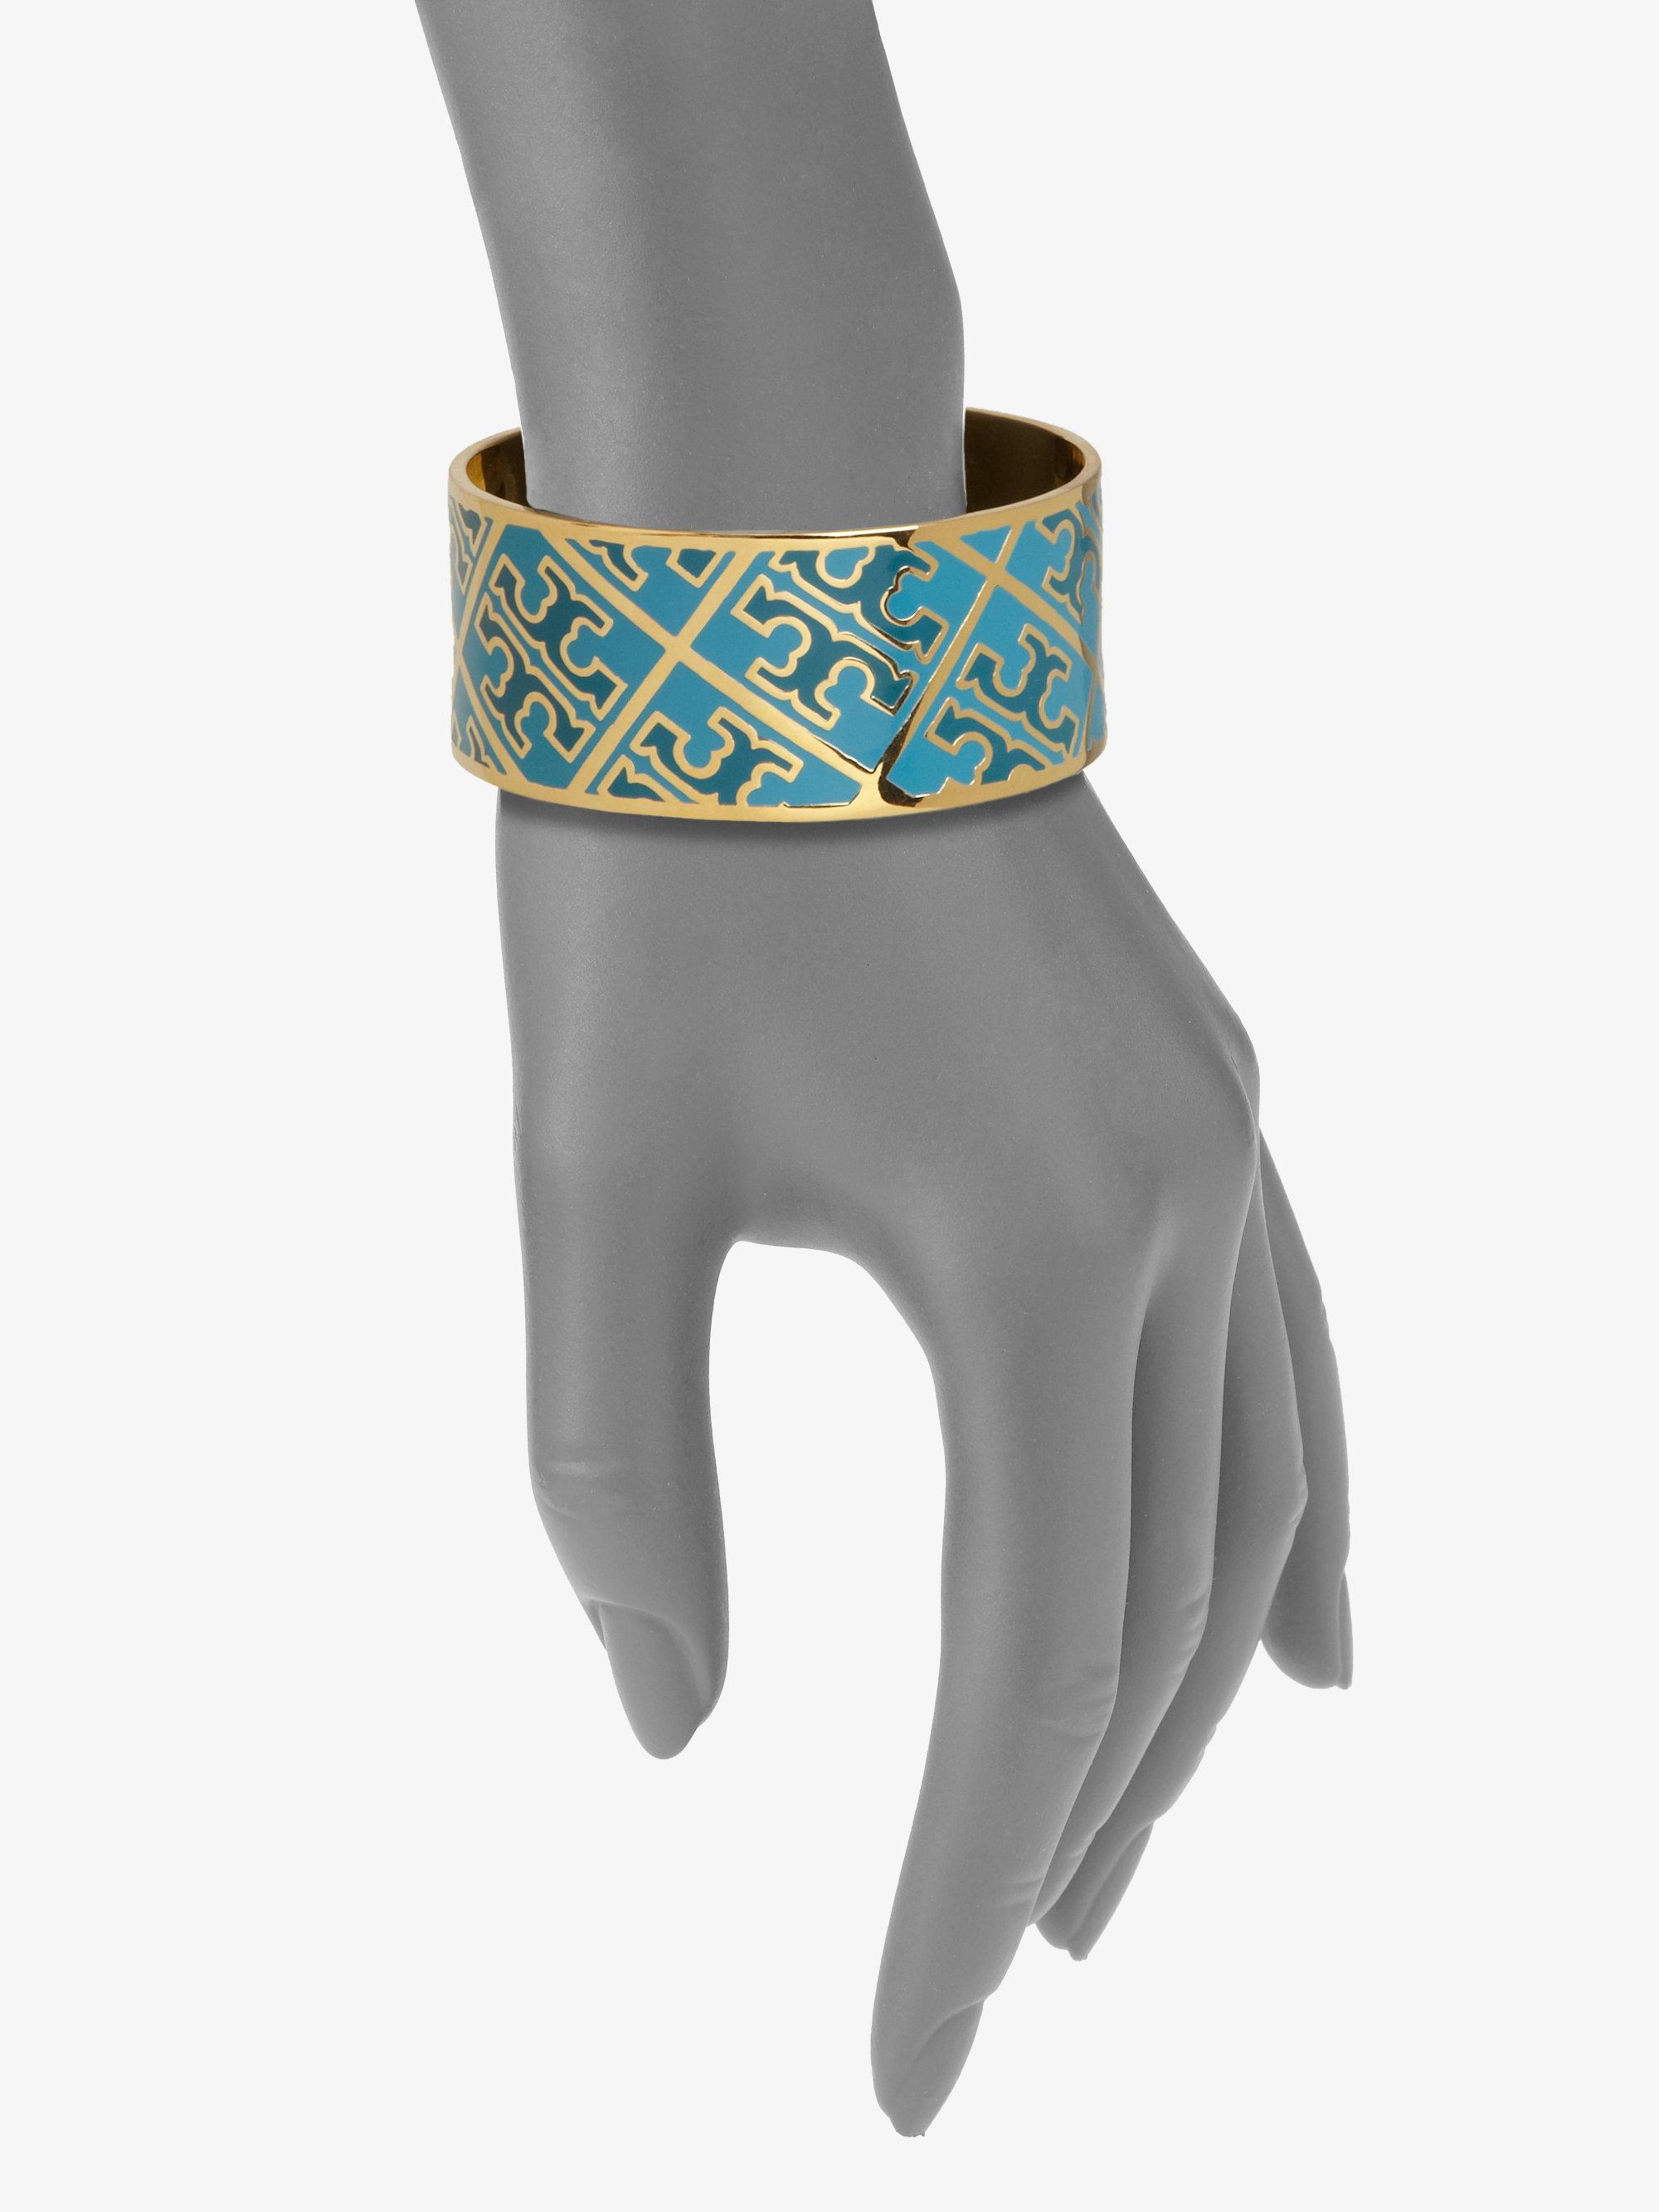 Tory Burch Enamel Logo Pattern Cuff Bracelet In Metallic